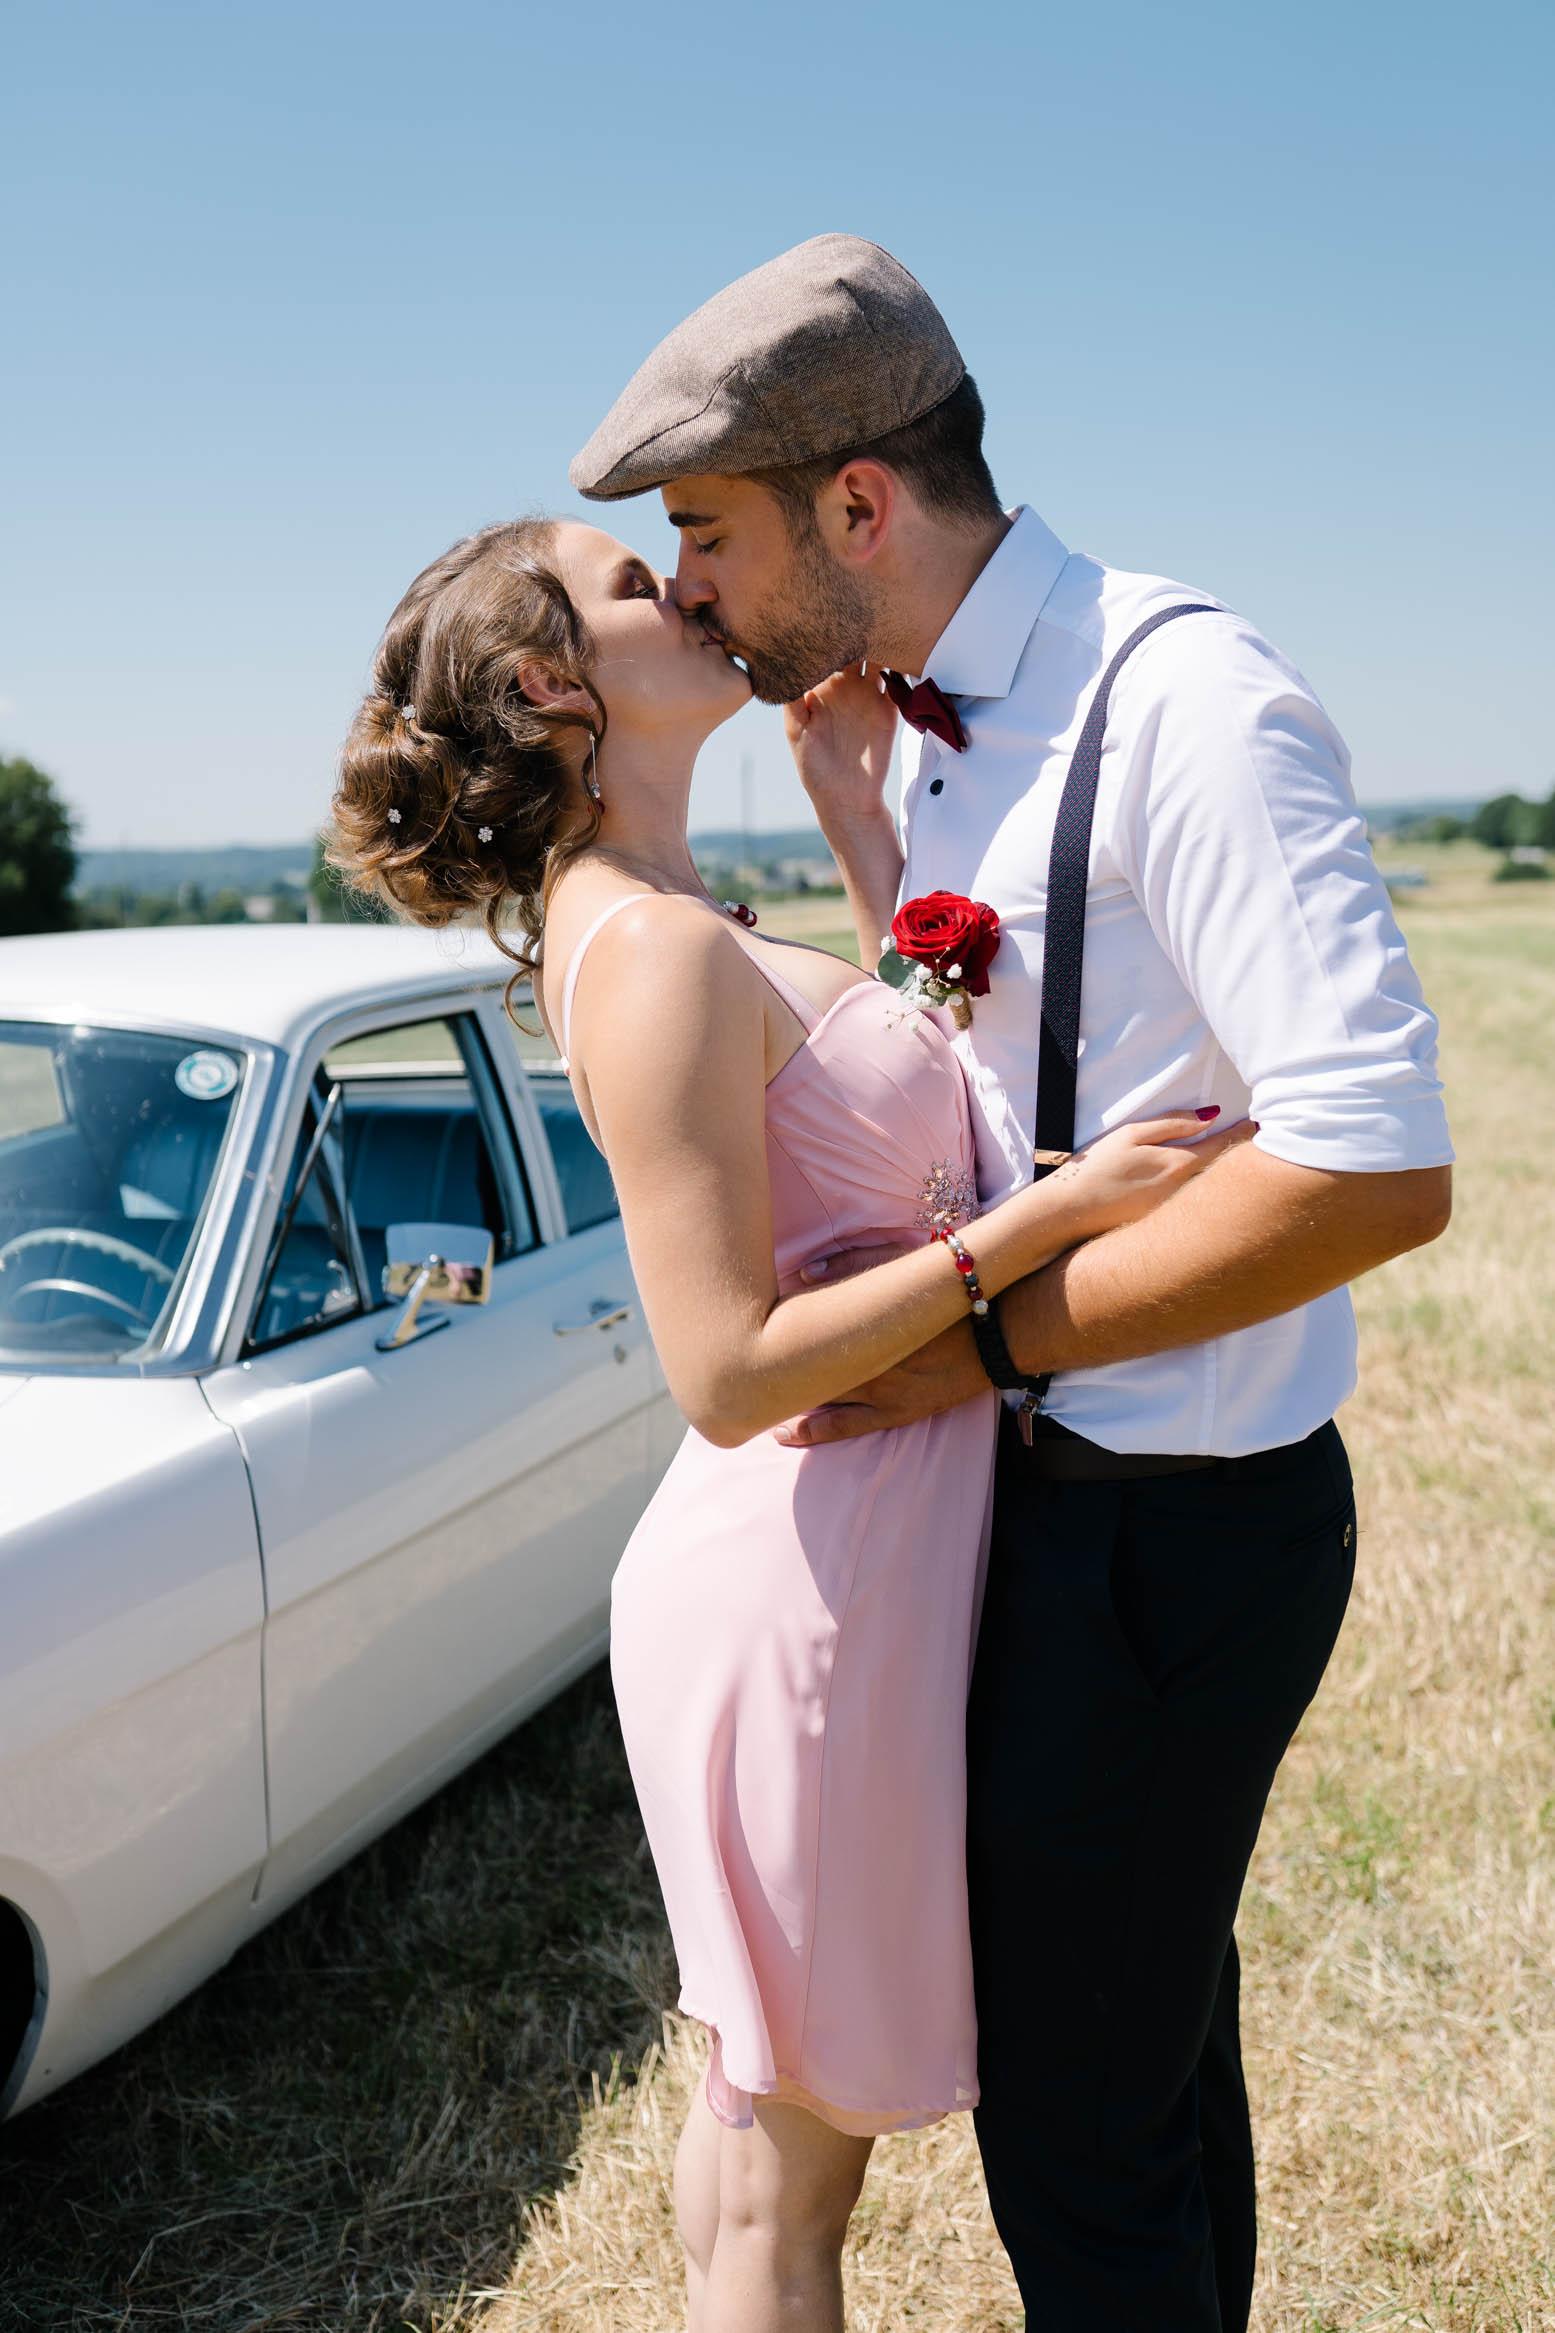 mt-photographe-videaste-bruxelles-mariage-leleu-7.jpg